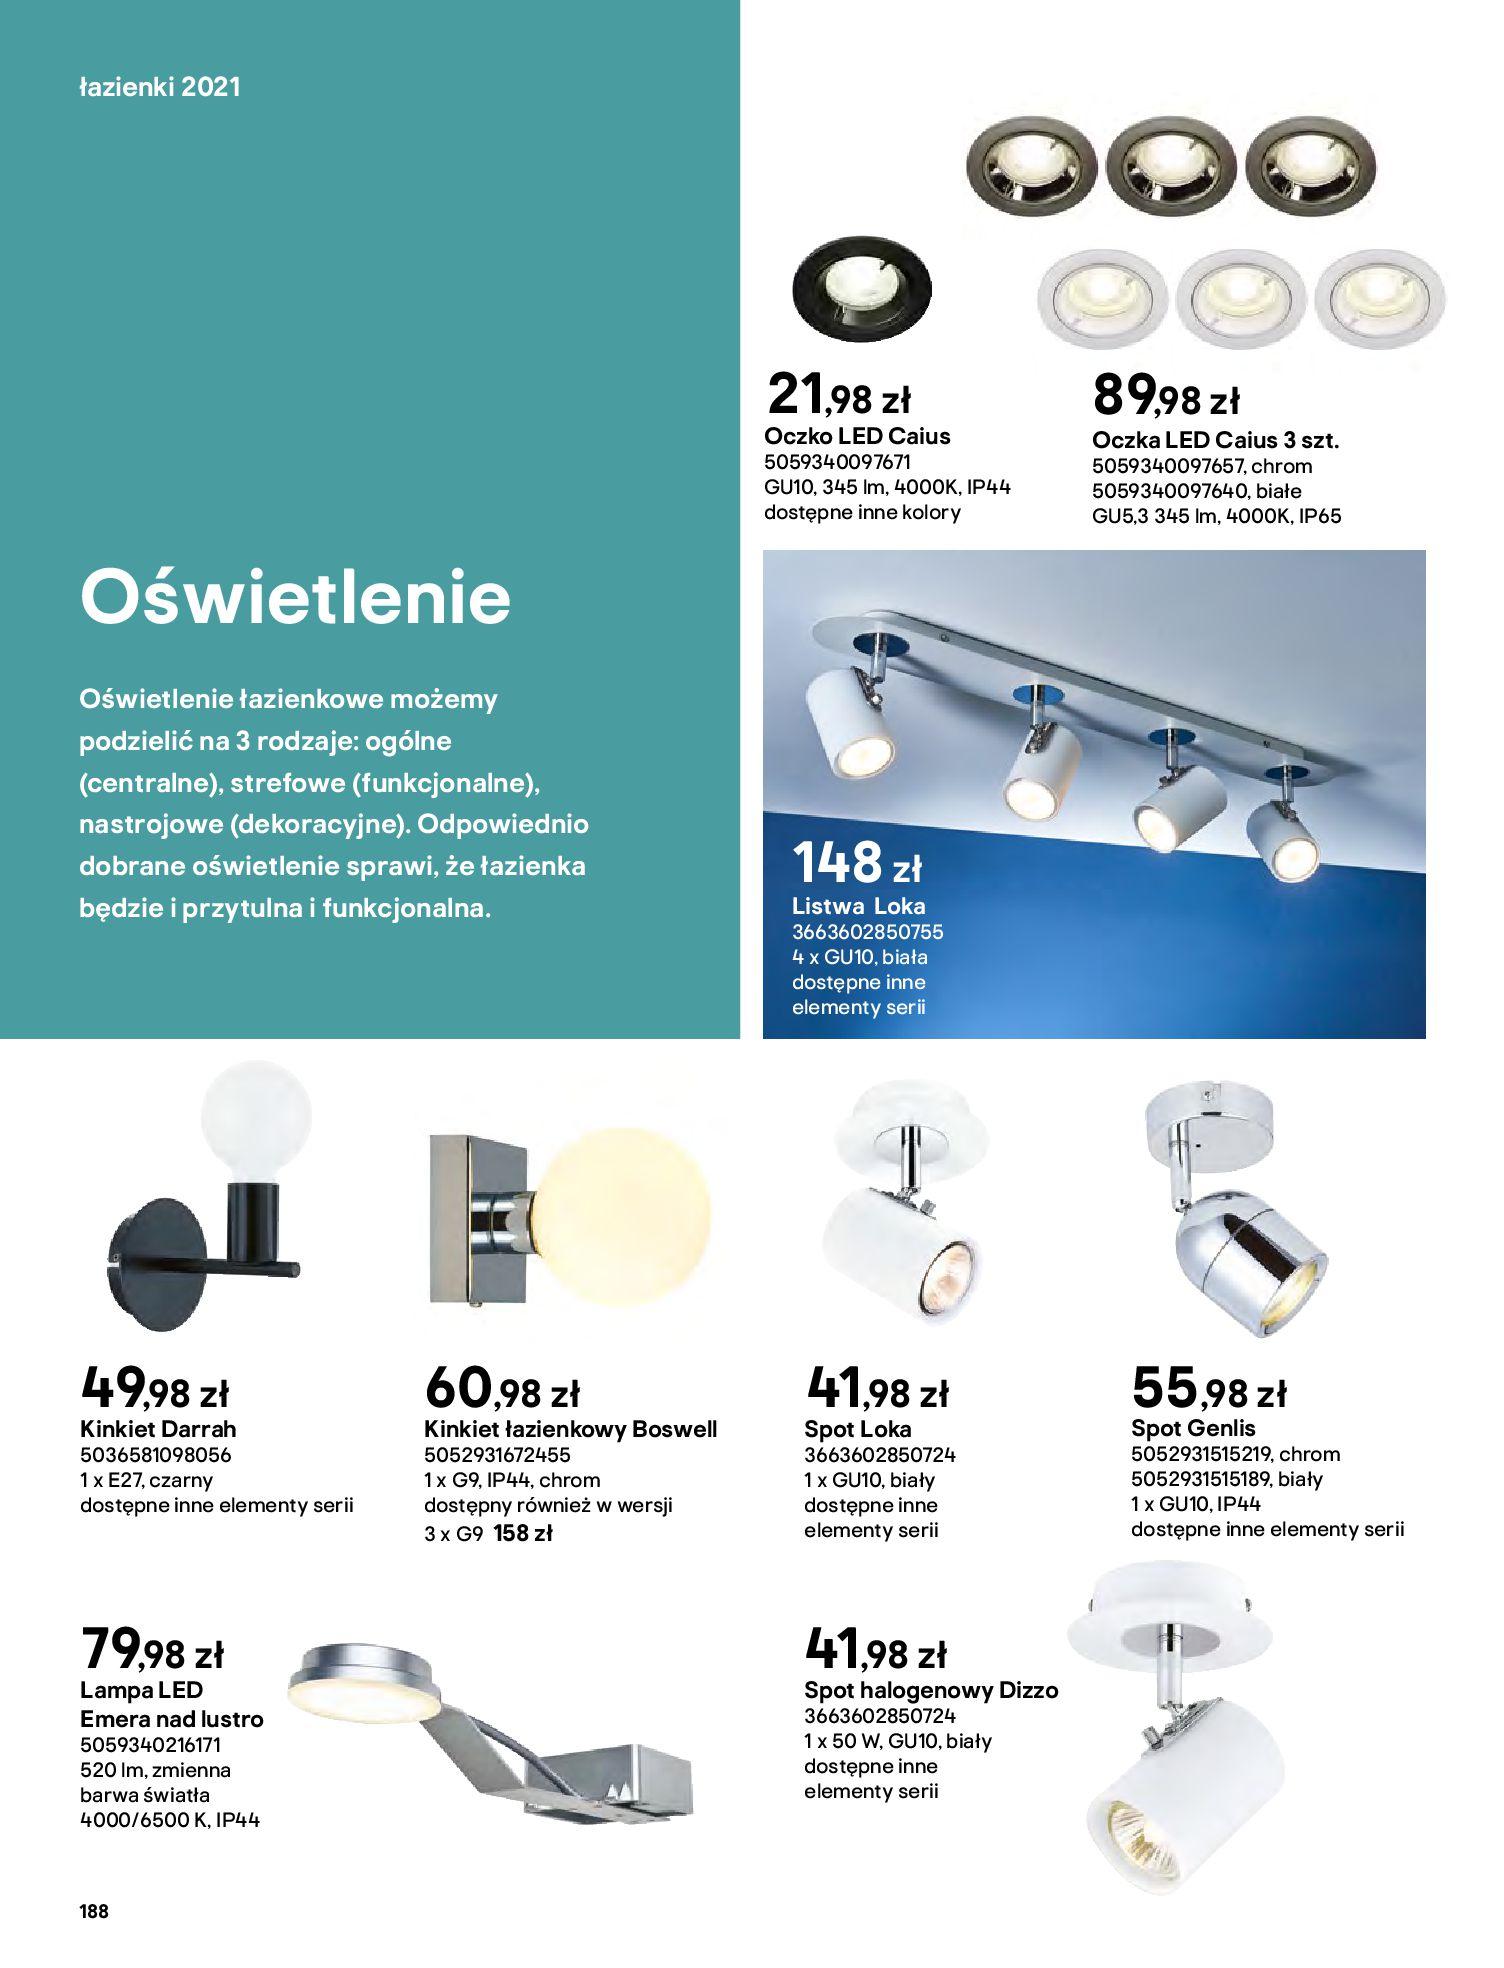 Gazetka Castorama: Gazetka Castorama - katalog łazienki 2021 2021-06-16 page-188